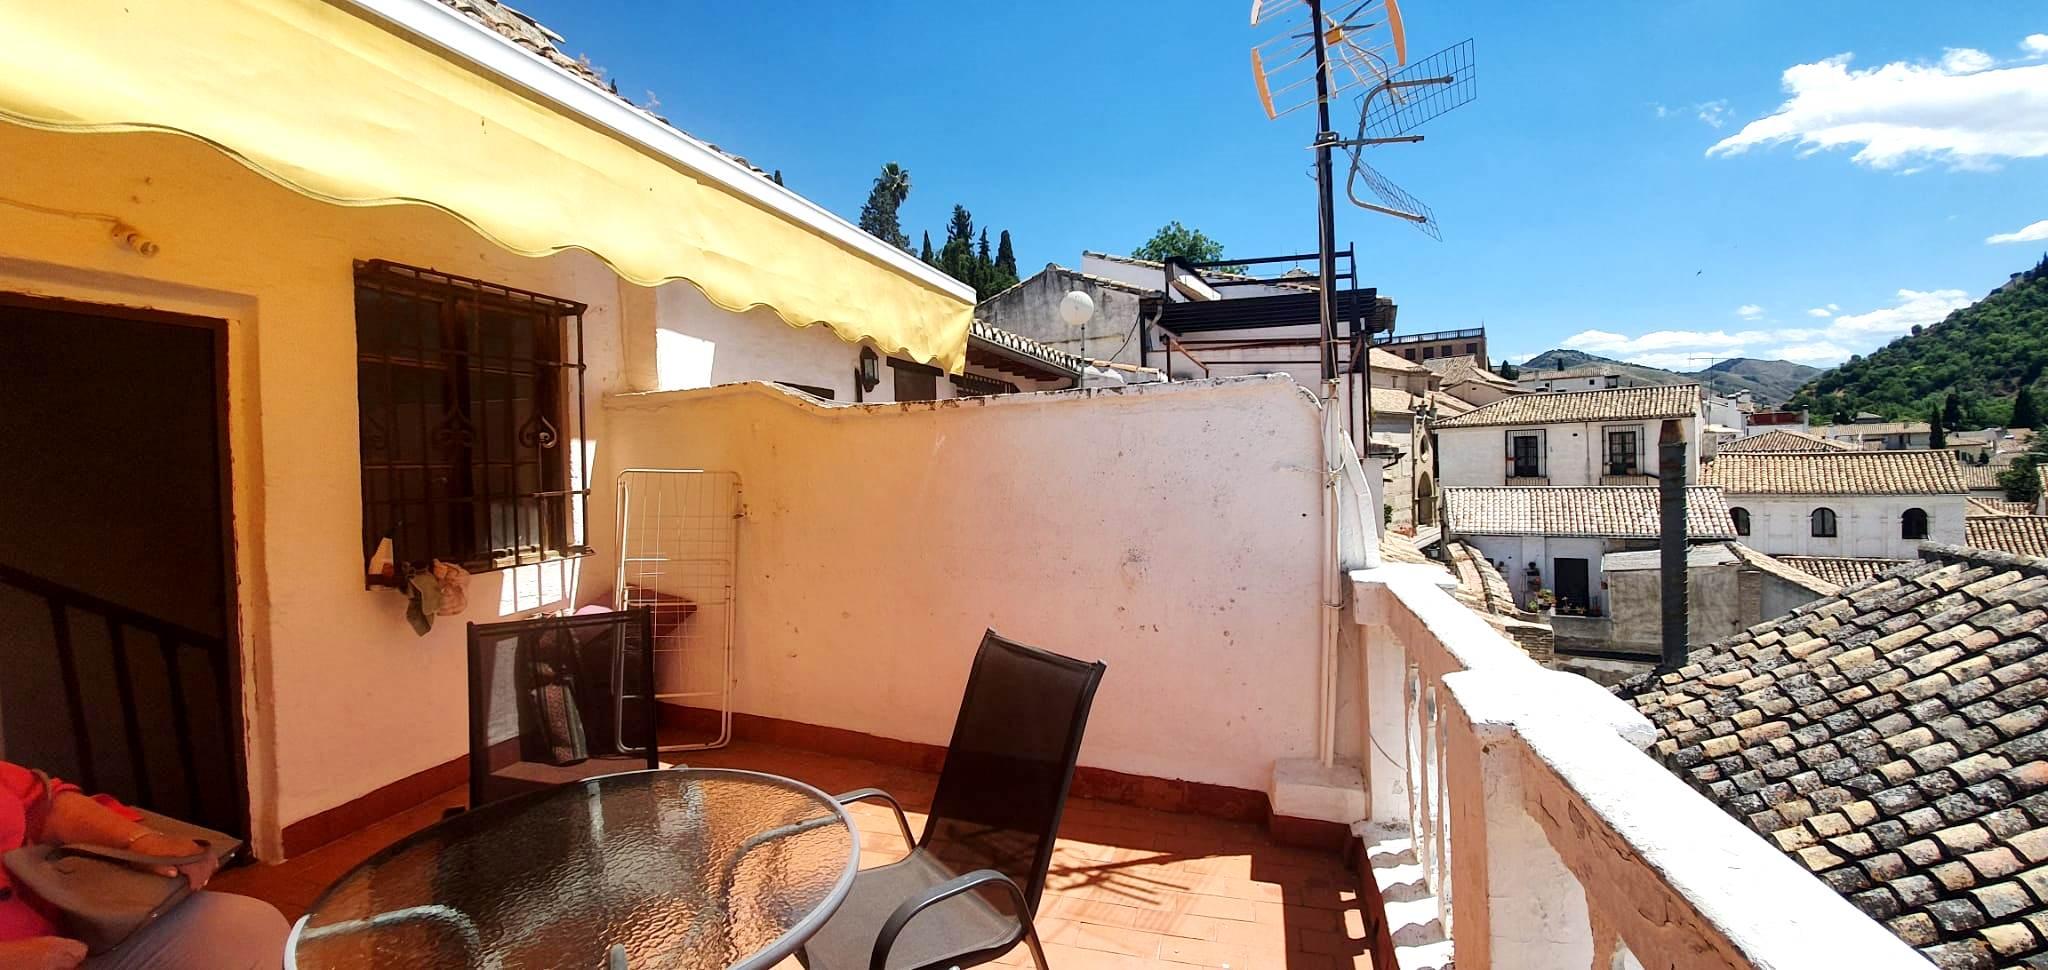 Bonito loft en casa típica albaicinera con amplia terraza con vistas Alhambra